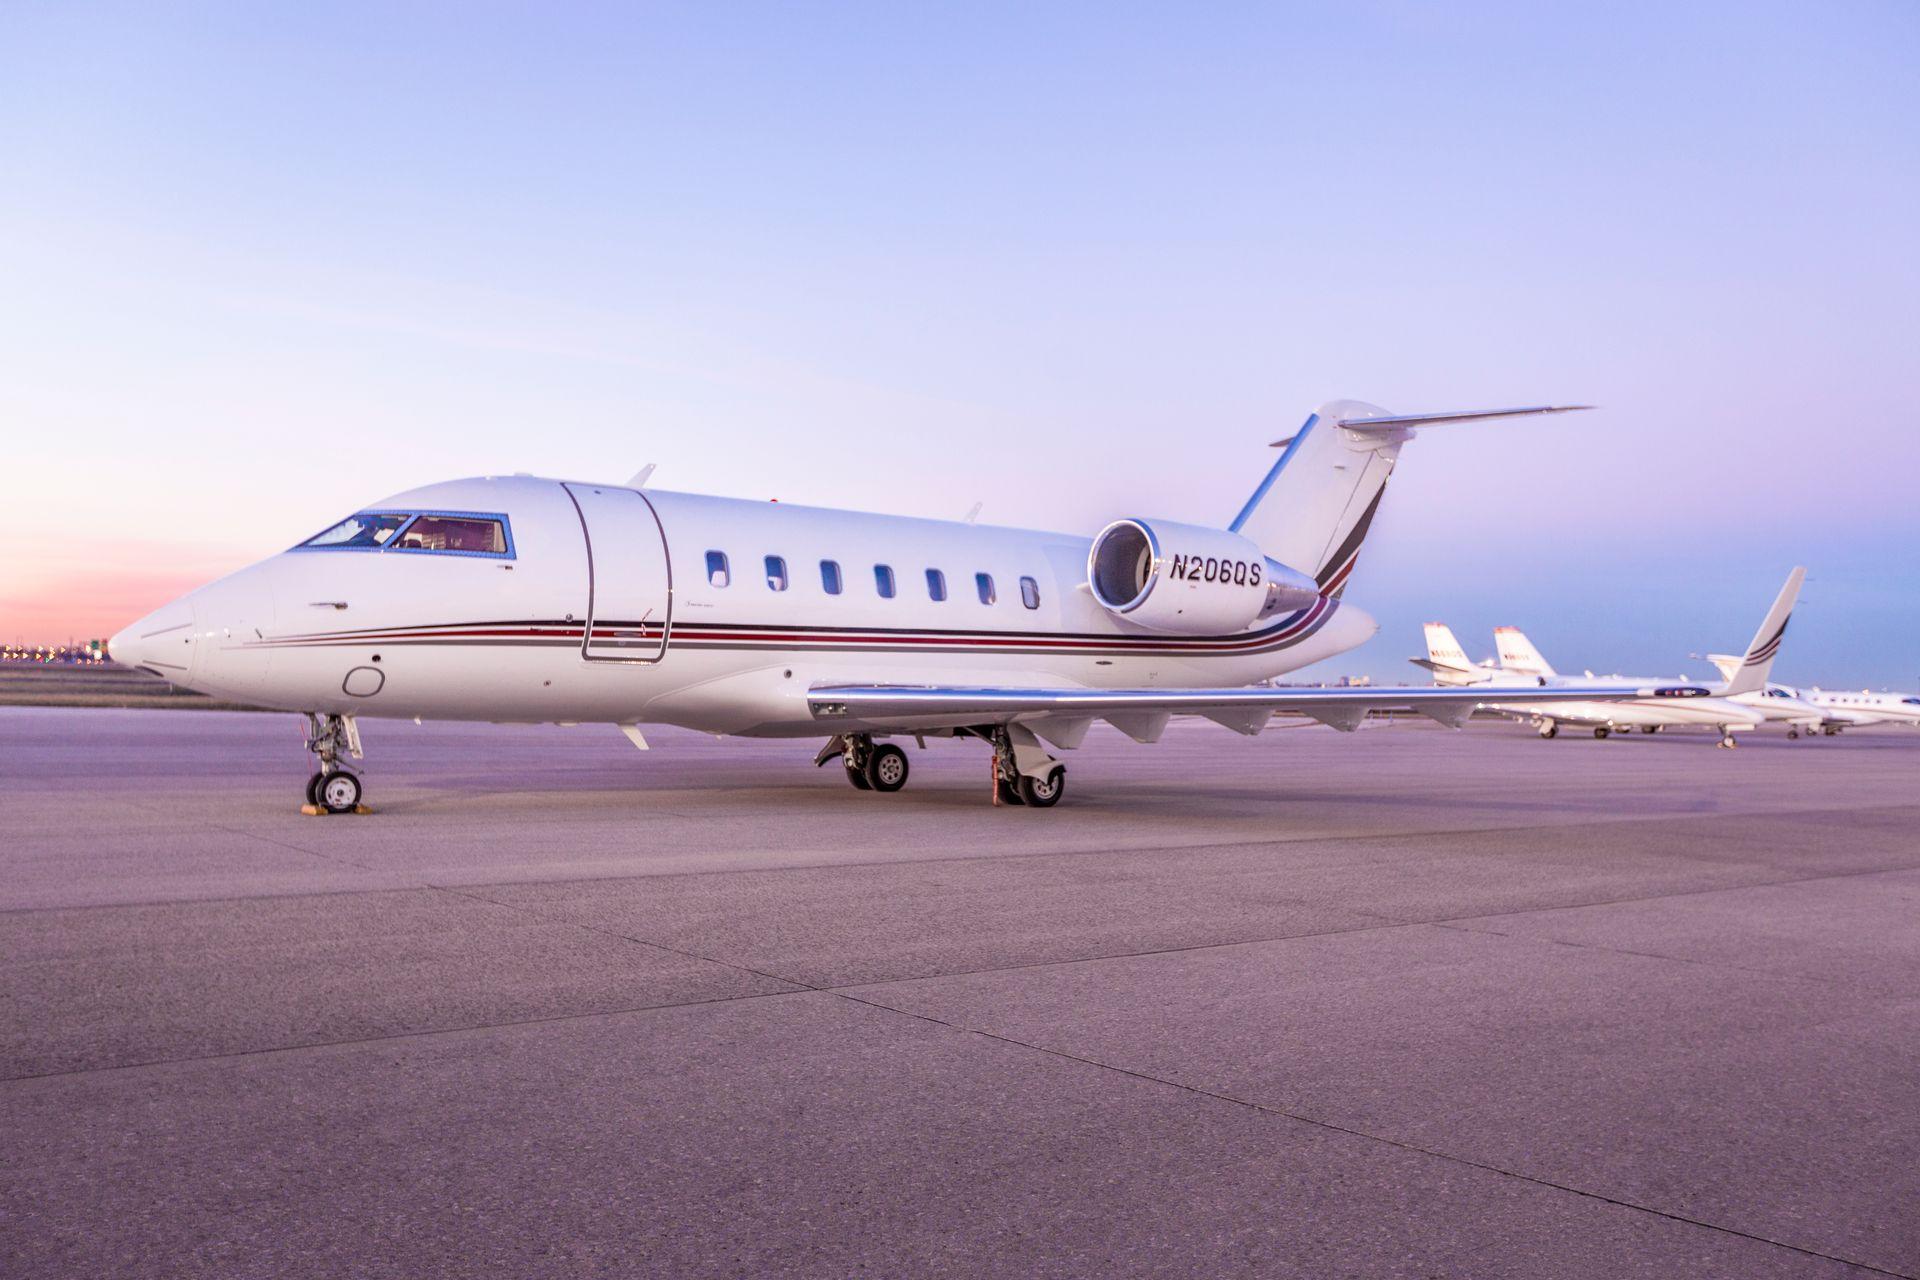 Net Jets Private Aircraft Hire - Bordeaux, La Vue France